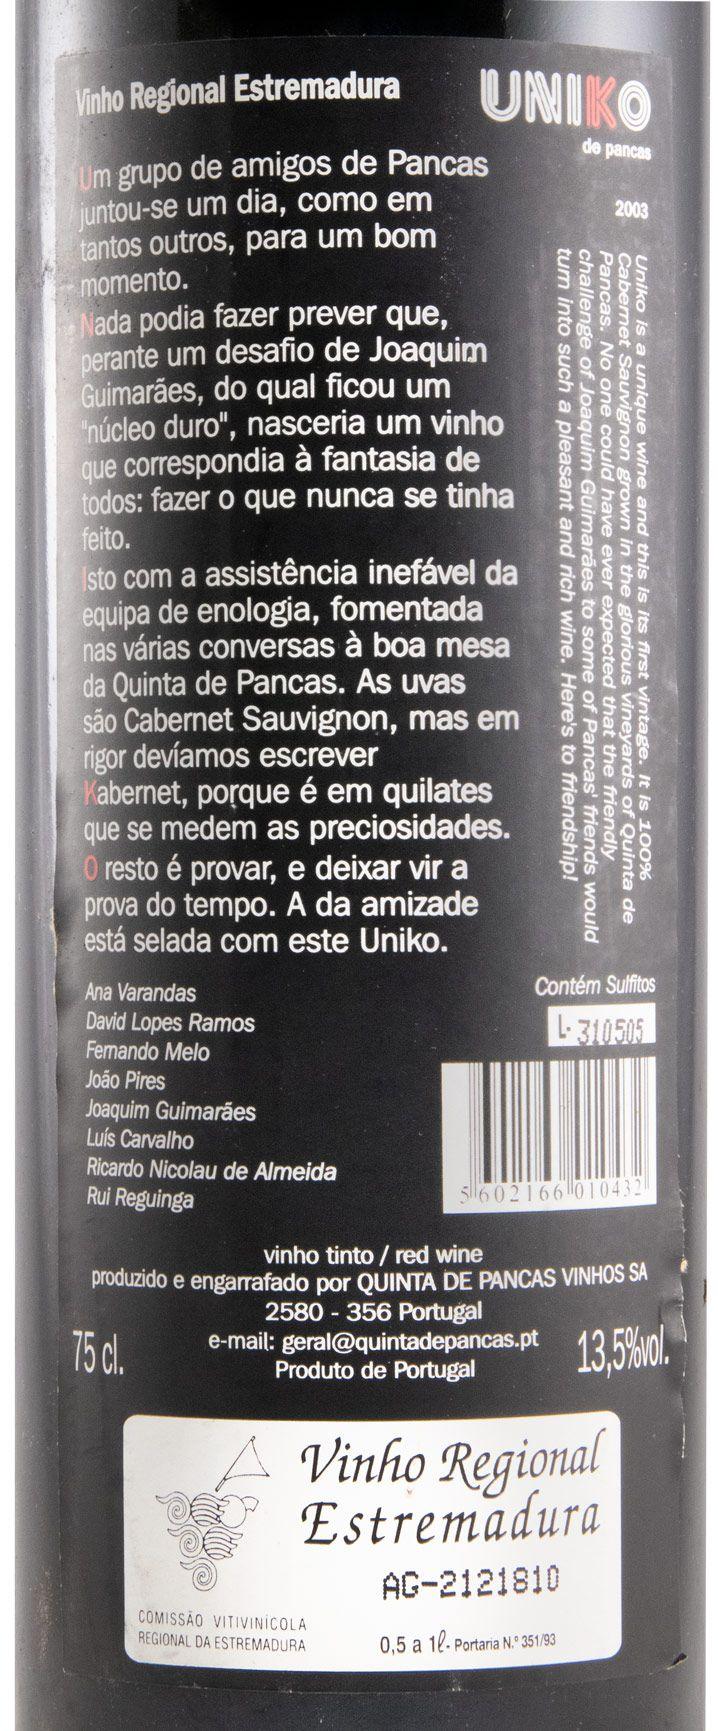 2003 Uniko de Pancas tinto